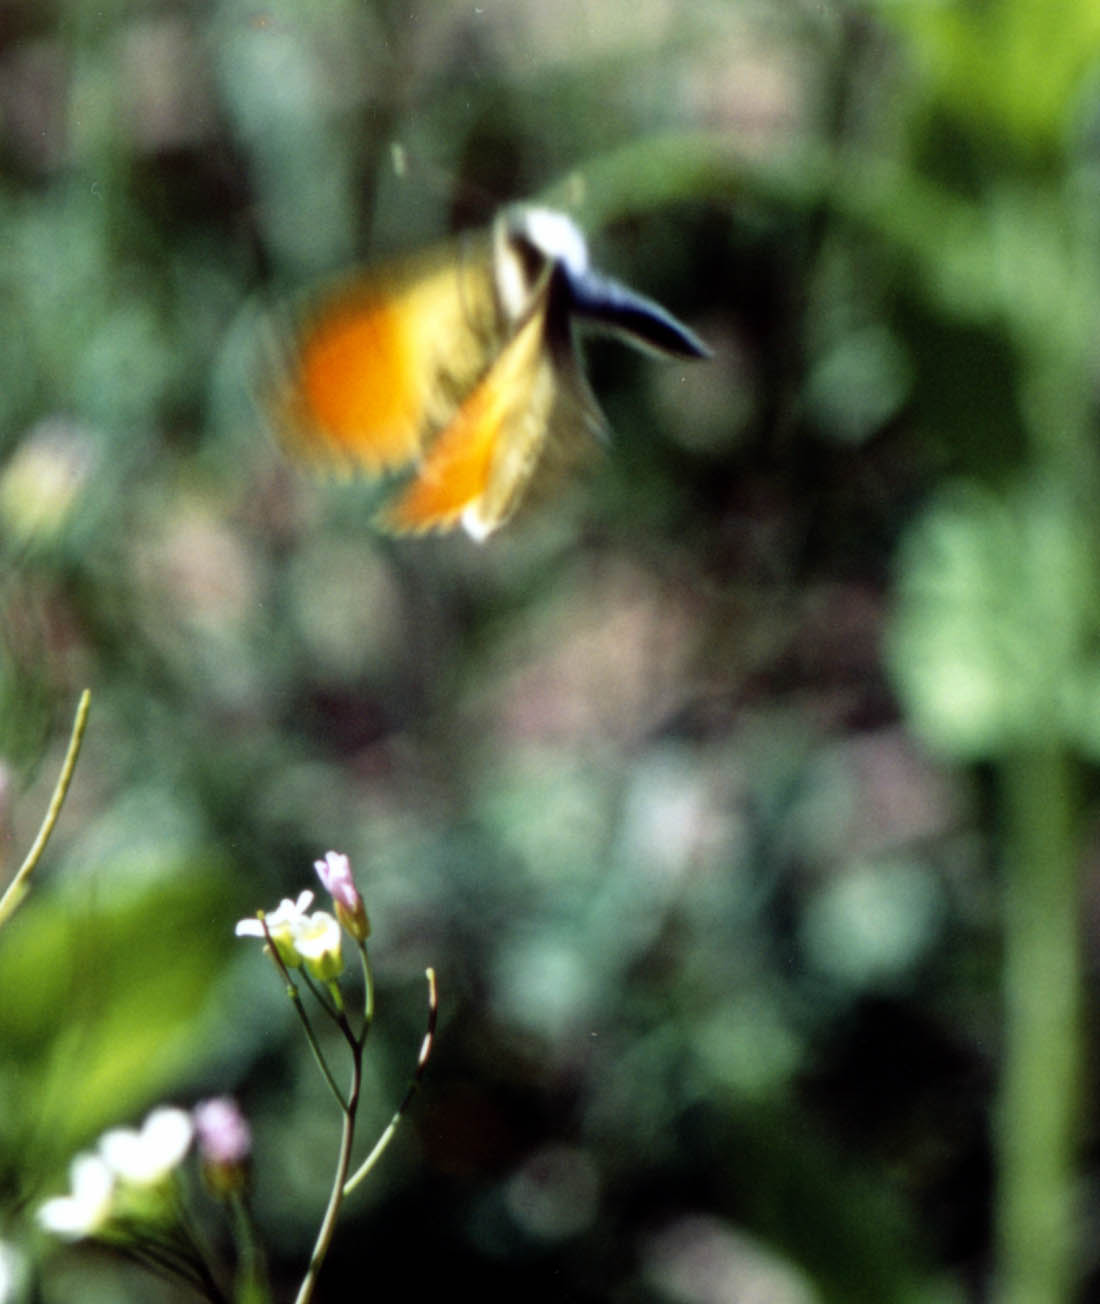 クモマツマキチョウの飛翔